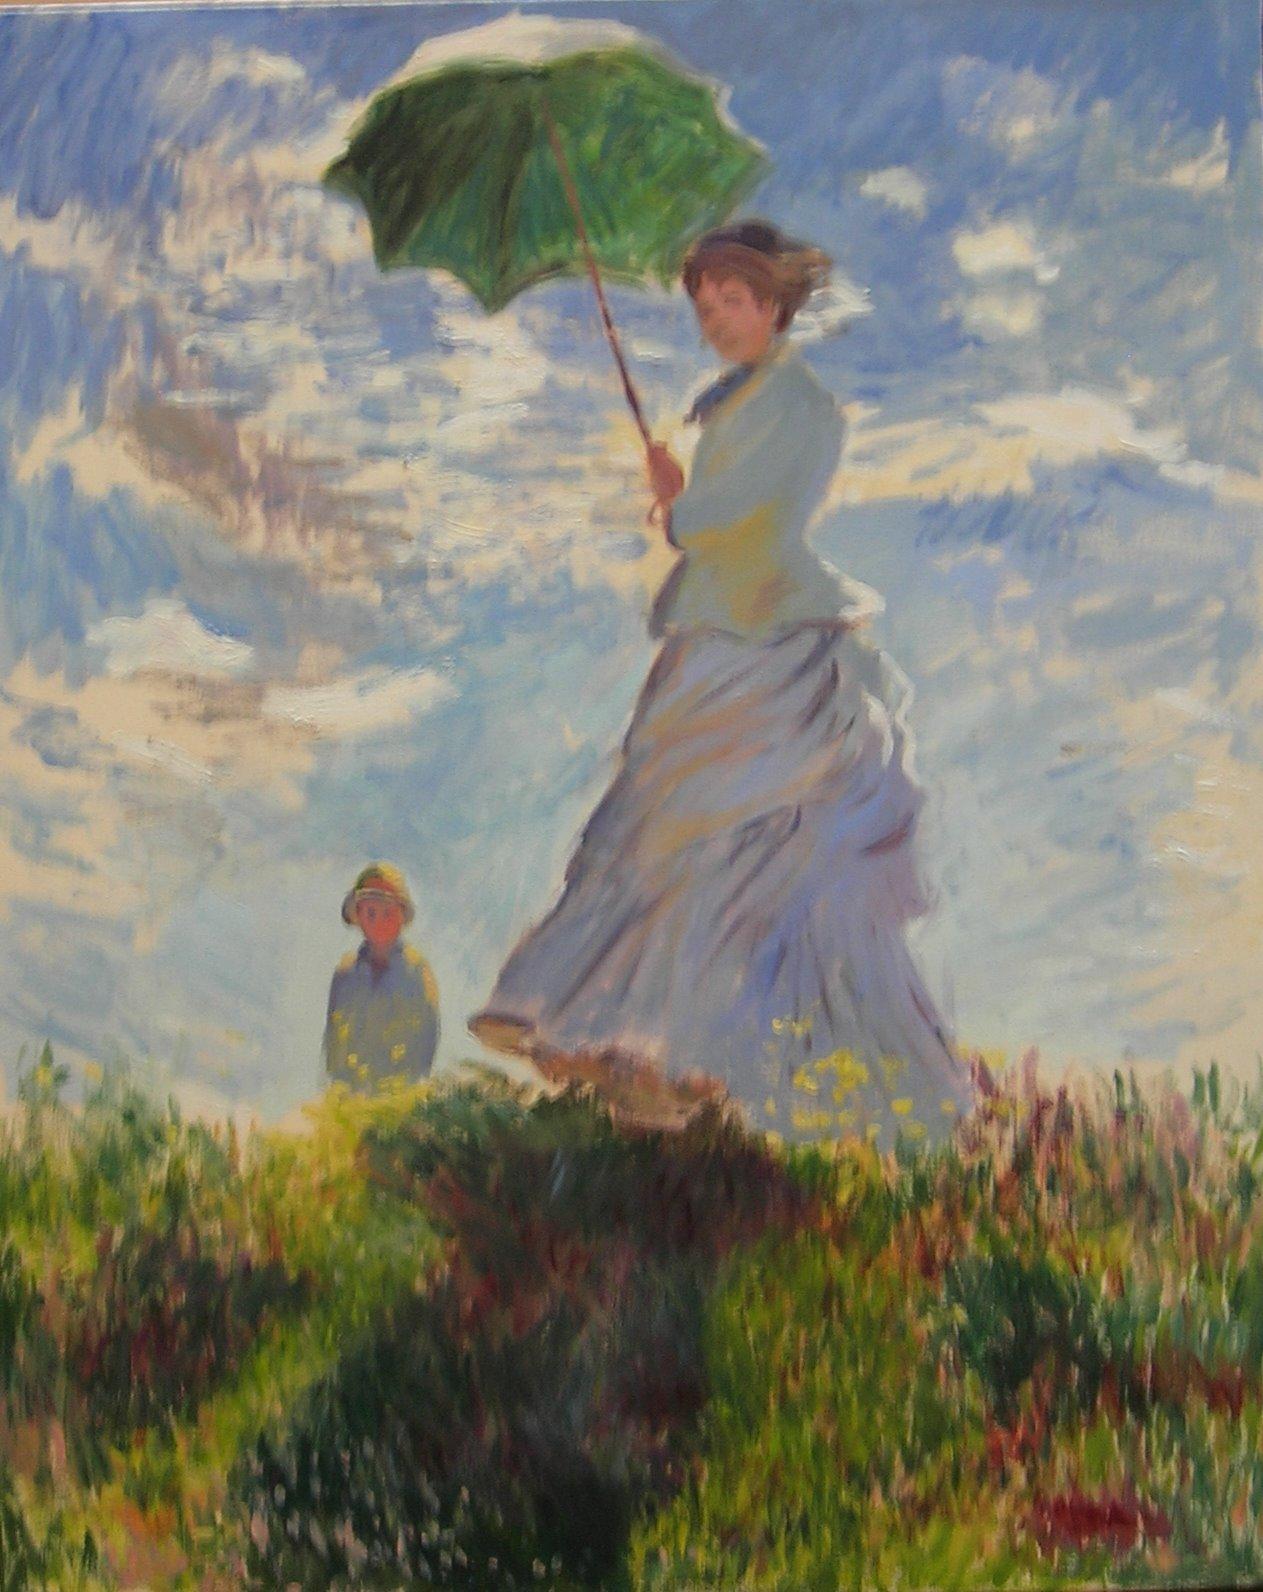 Copy after Claude Monet